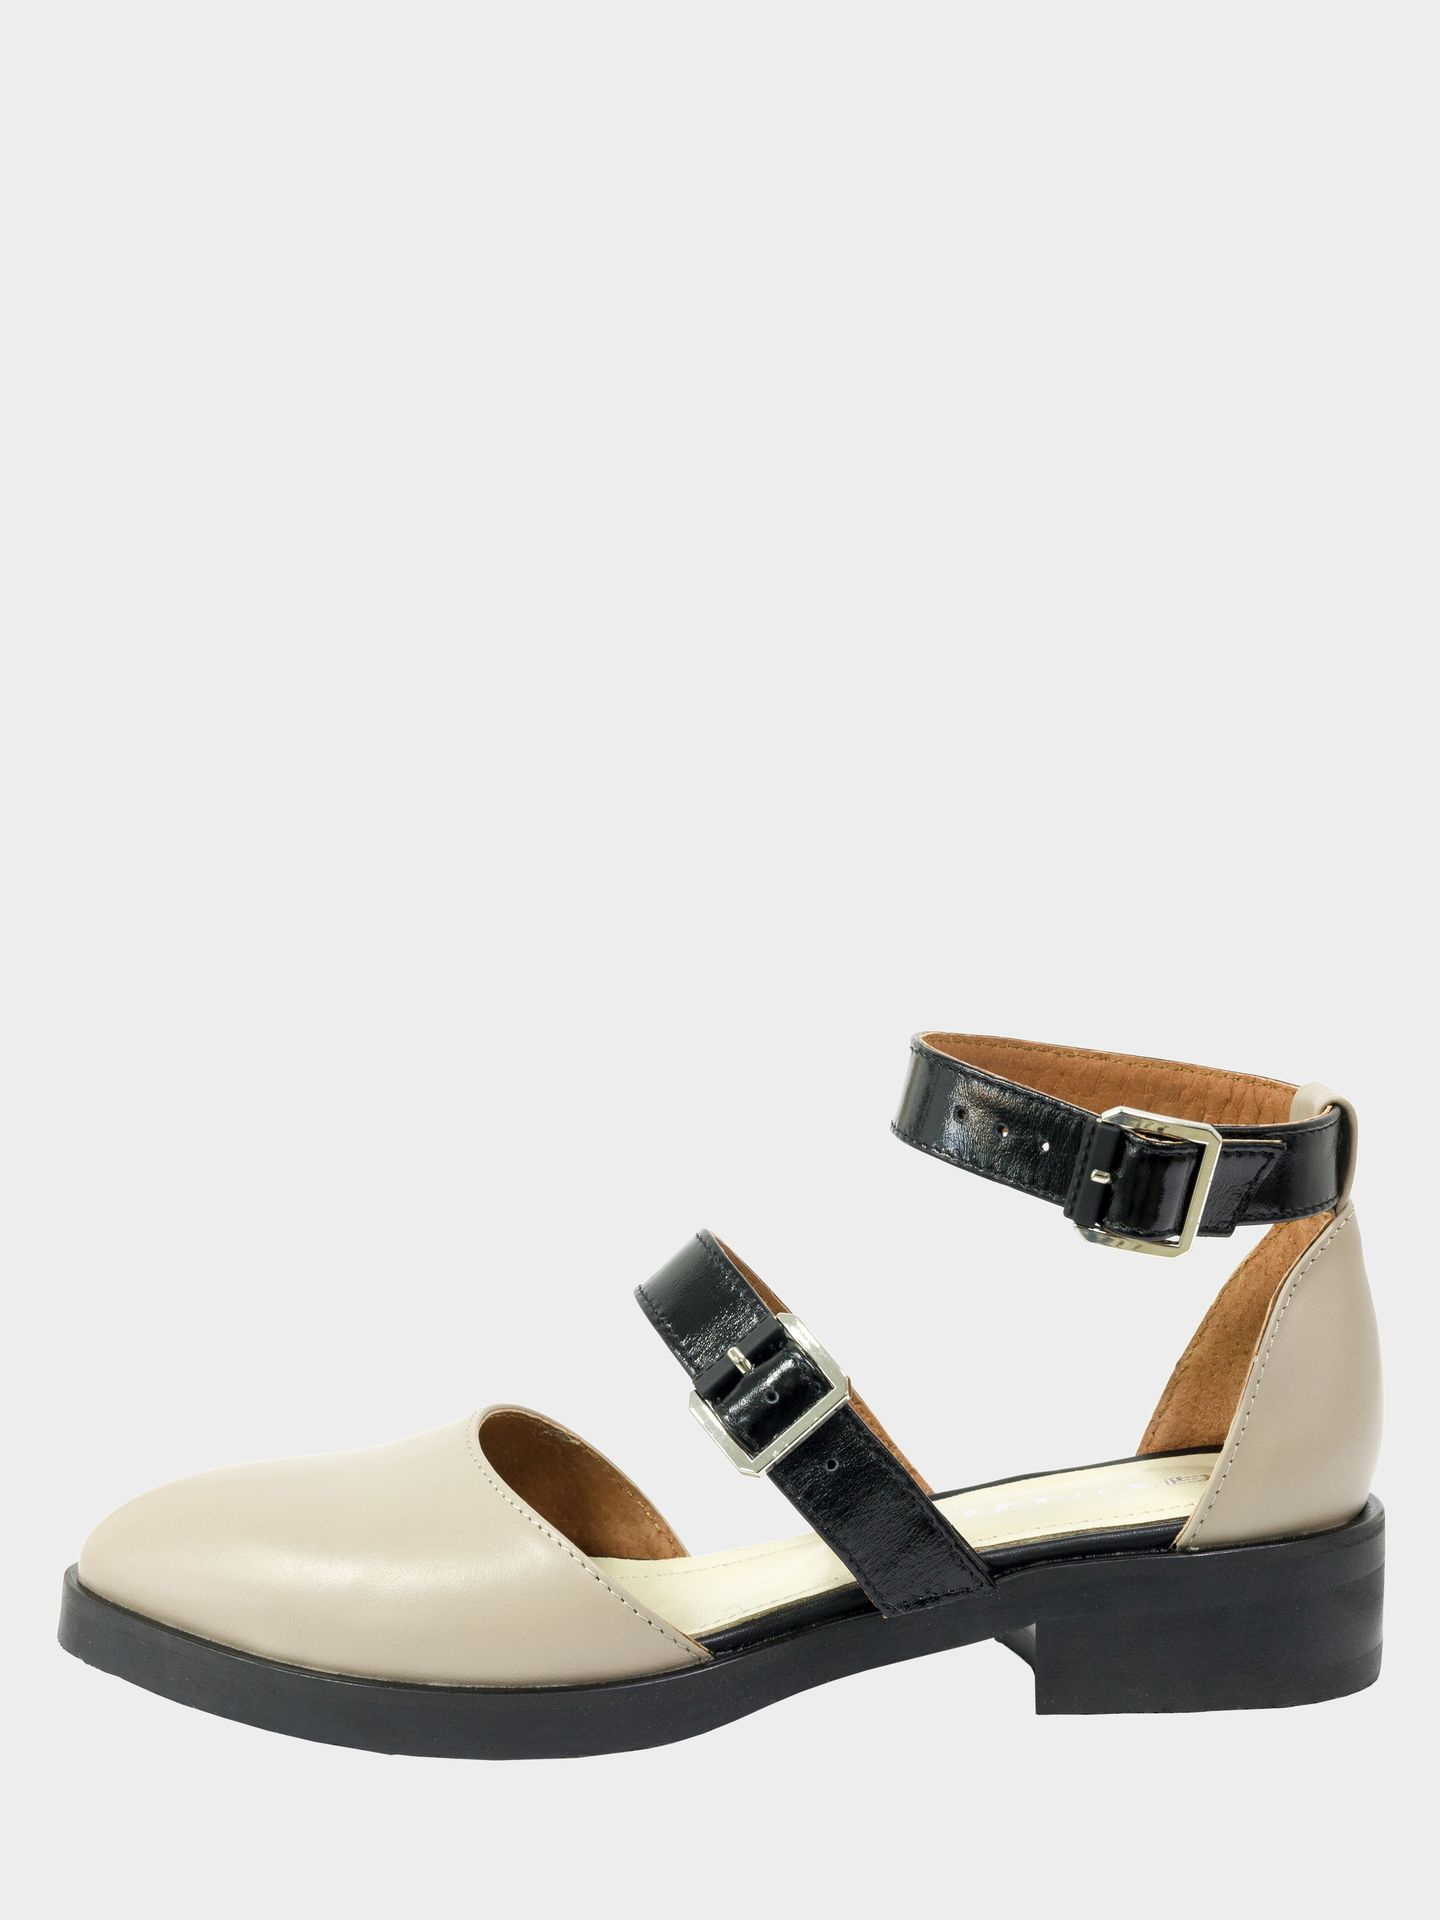 Туфлі  для жінок Gino Figini GF-23-08 модне взуття, 2017